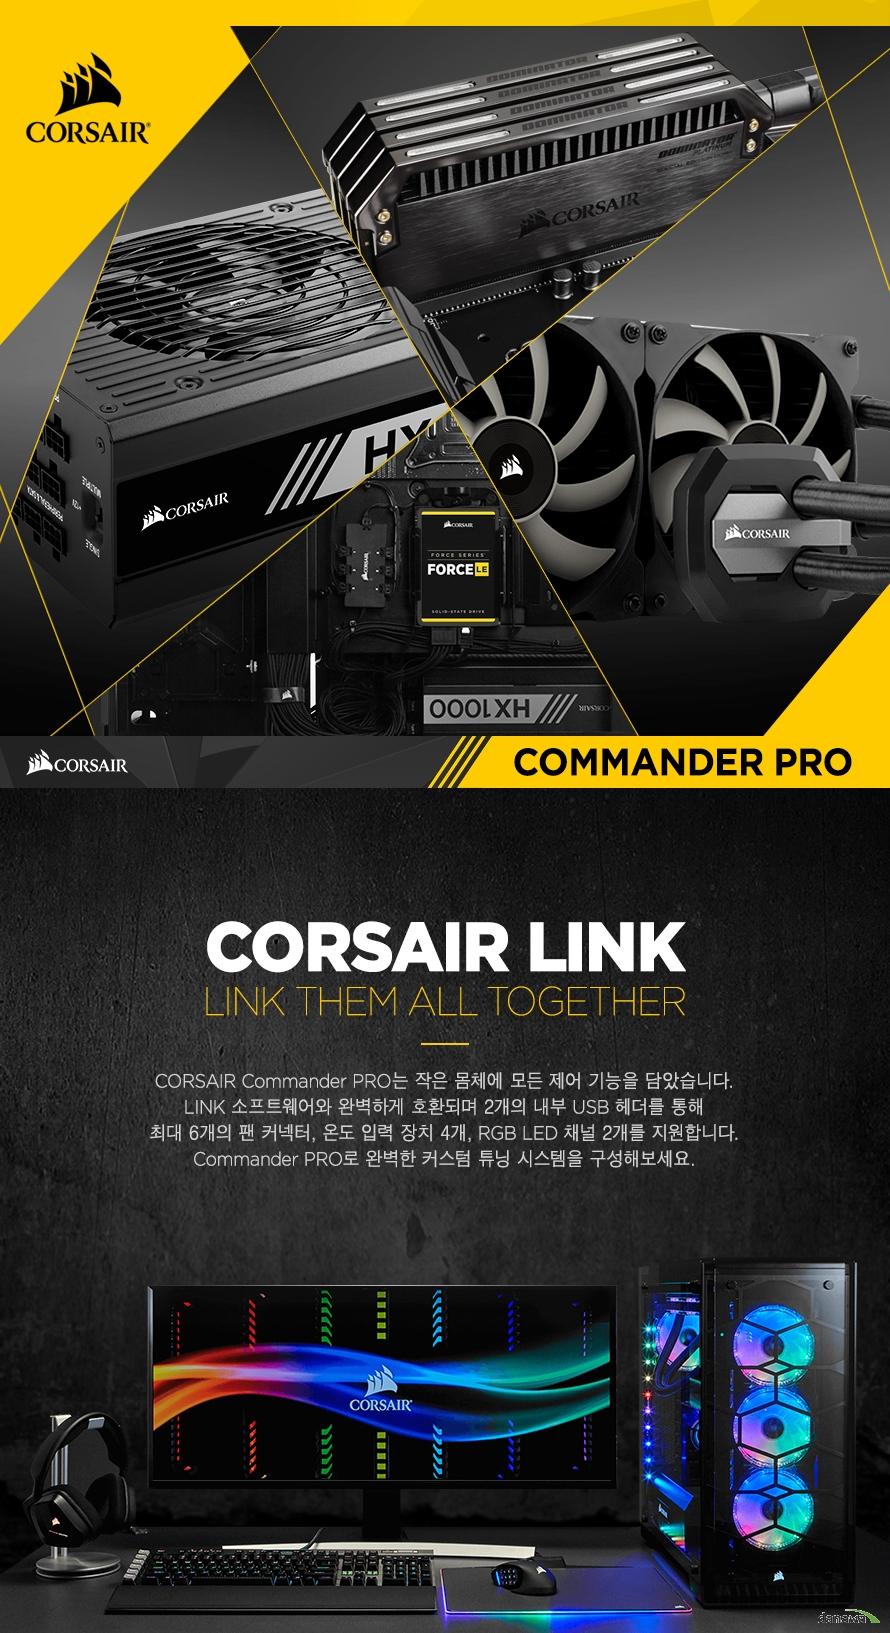 CORSAIR LINKCORSAIR Commander PRO는 작은 몸체에 모든 제어 기능을 담았습니다.LINK 소프트웨어와 완벽하게 호환되며 2개의 내부 USB 헤더를 통해최대 6개의 팬 커넥터, 온도 입력 장치 4개, RGB LED 채널 2개를 지원합니다.Commander PRO로 완벽한 커스텀 튜닝 시스템을 구성해보세요.